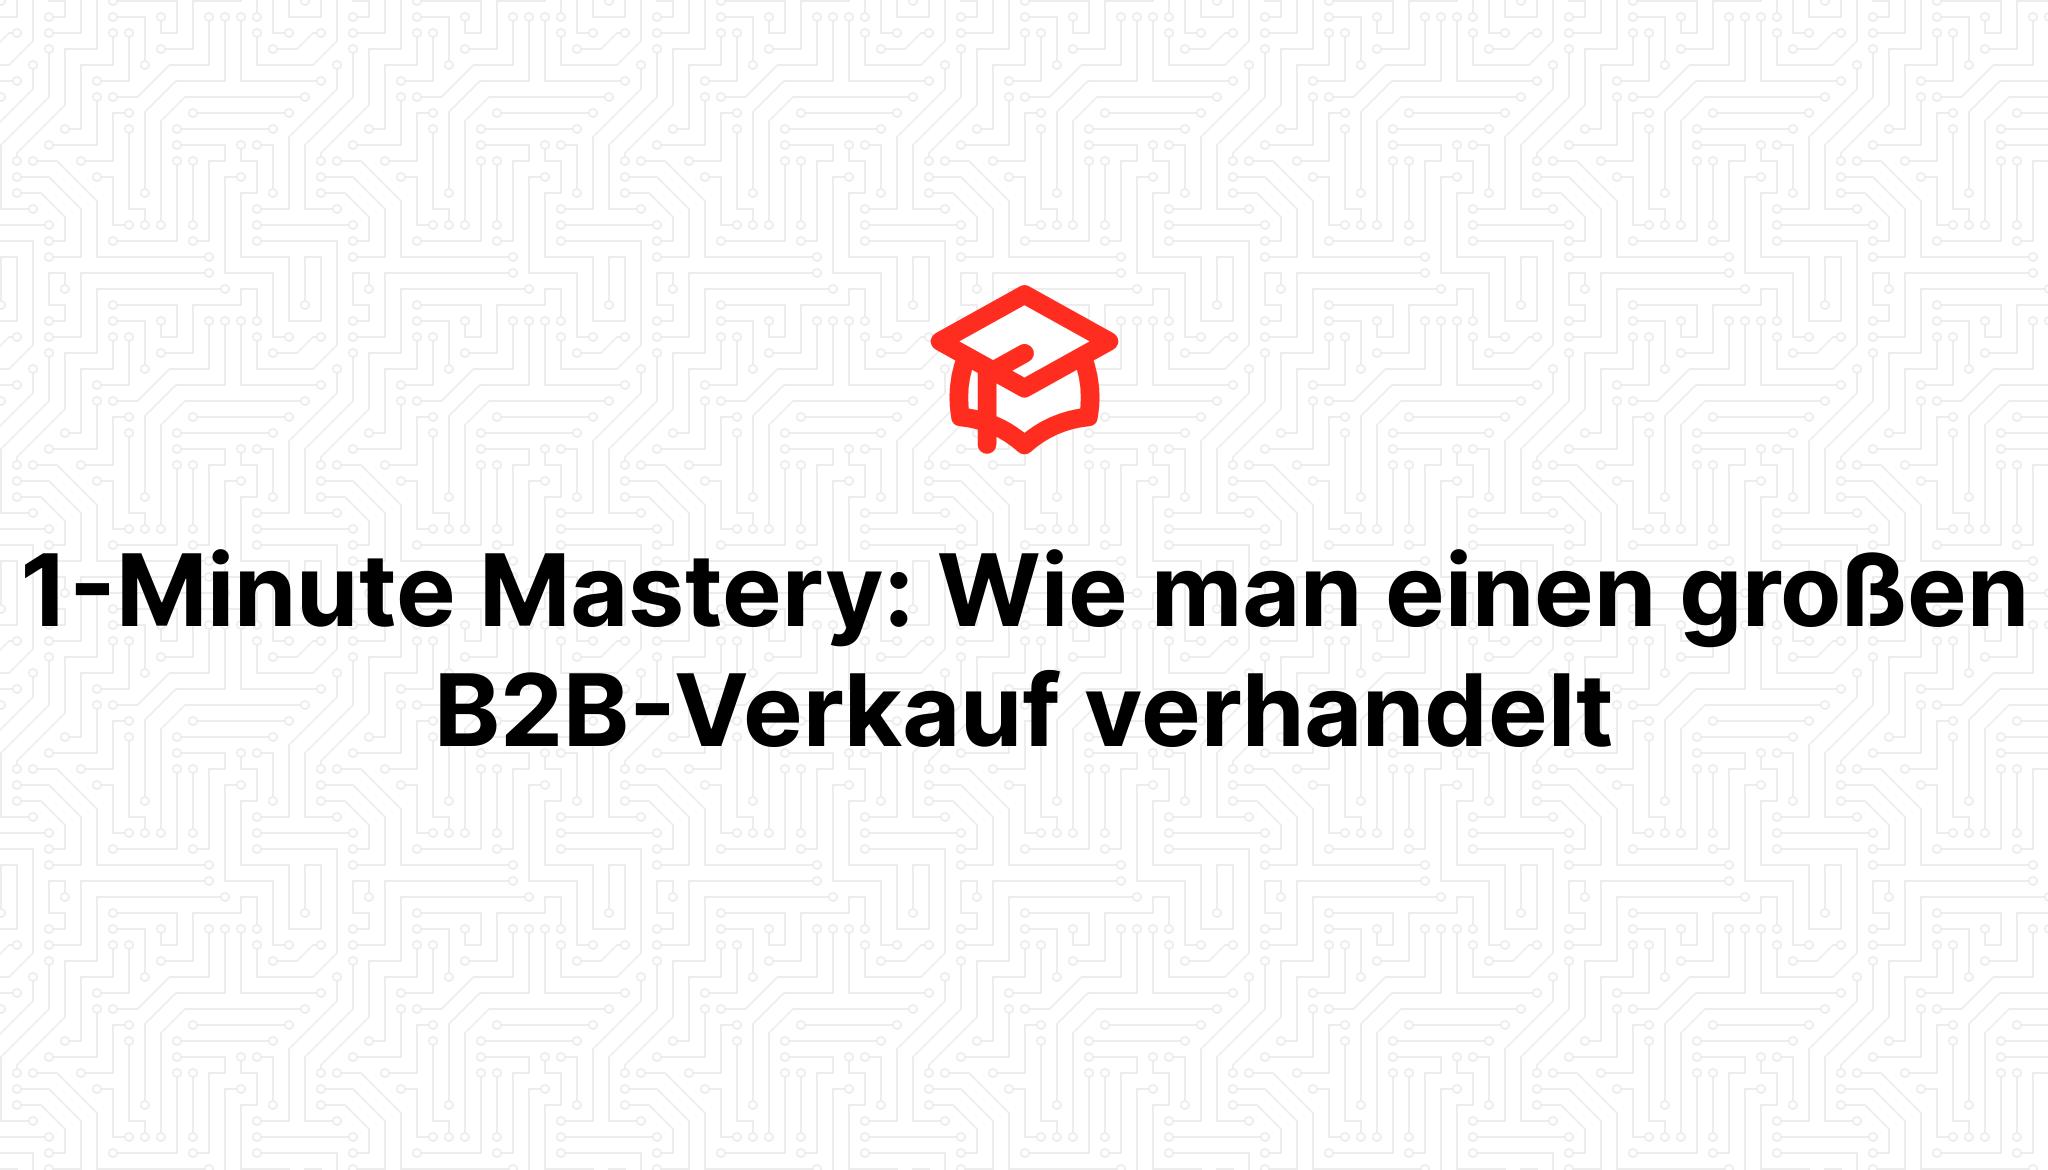 1-Minute Mastery: Wie man einen großen B2B-Verkauf verhandelt